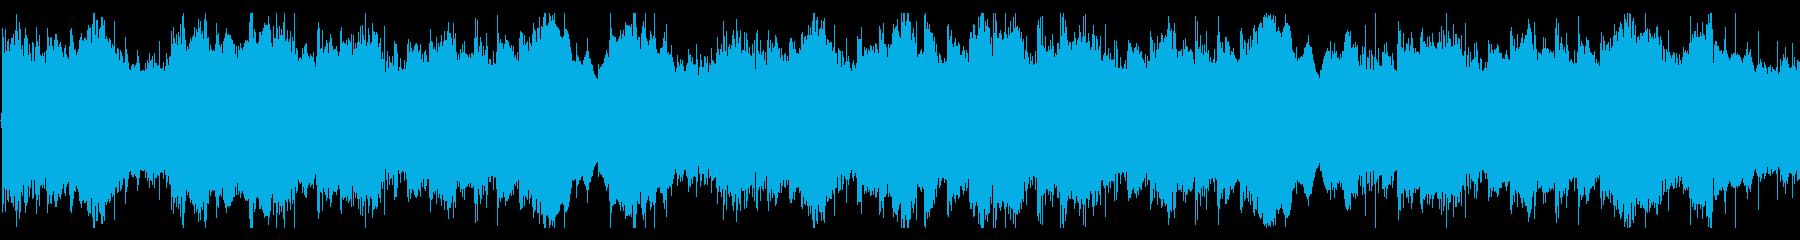 和風な旋律のゆったりとしたループBGMの再生済みの波形